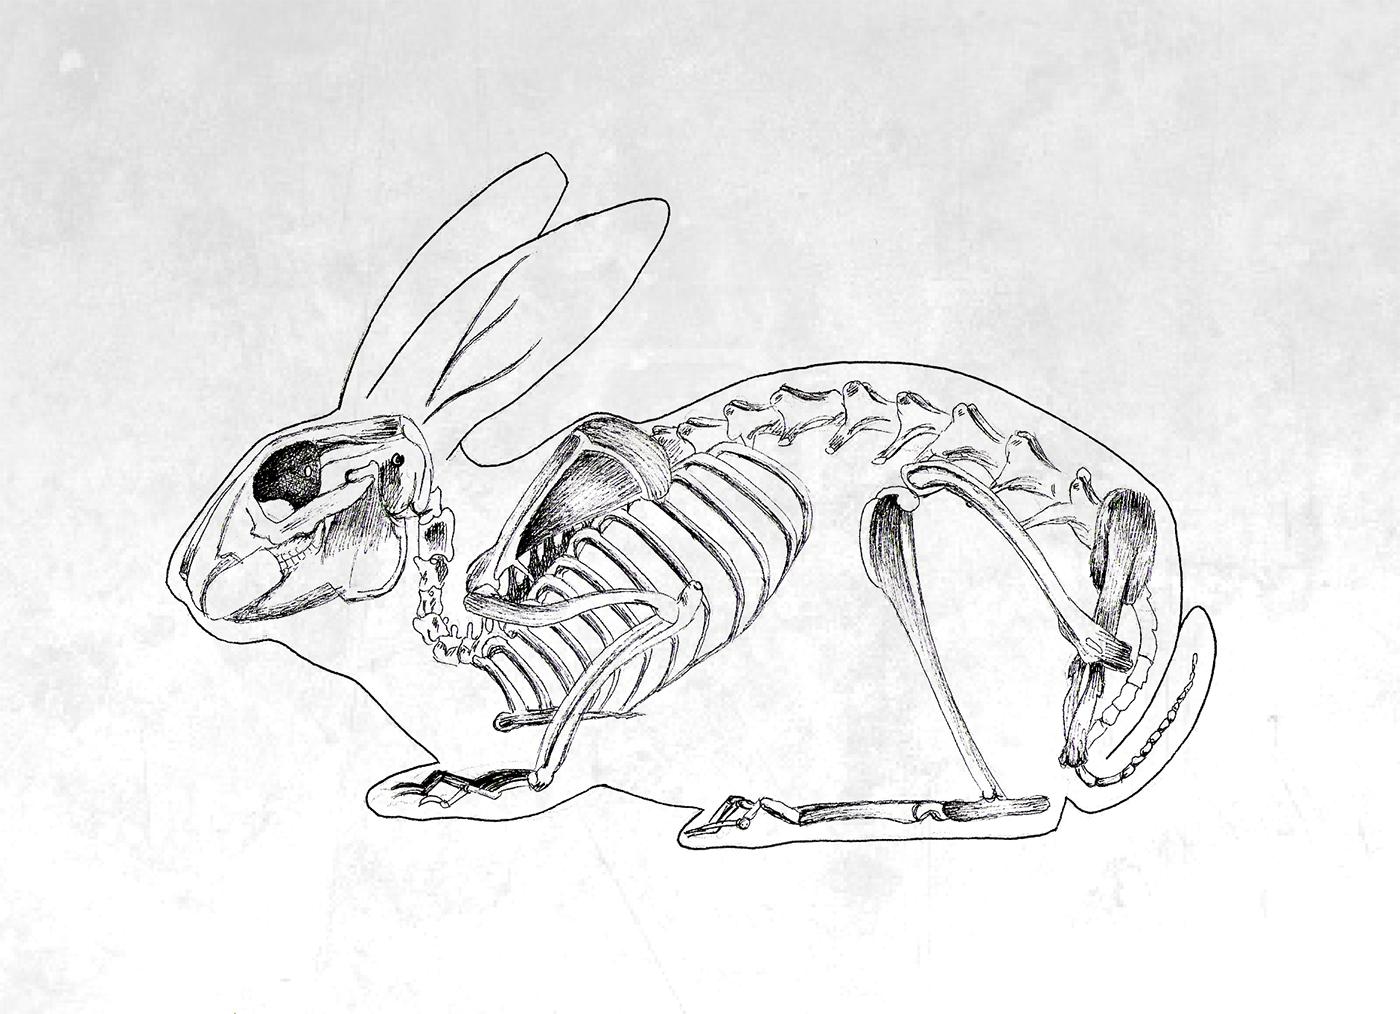 скелет кролика картинка этой статье